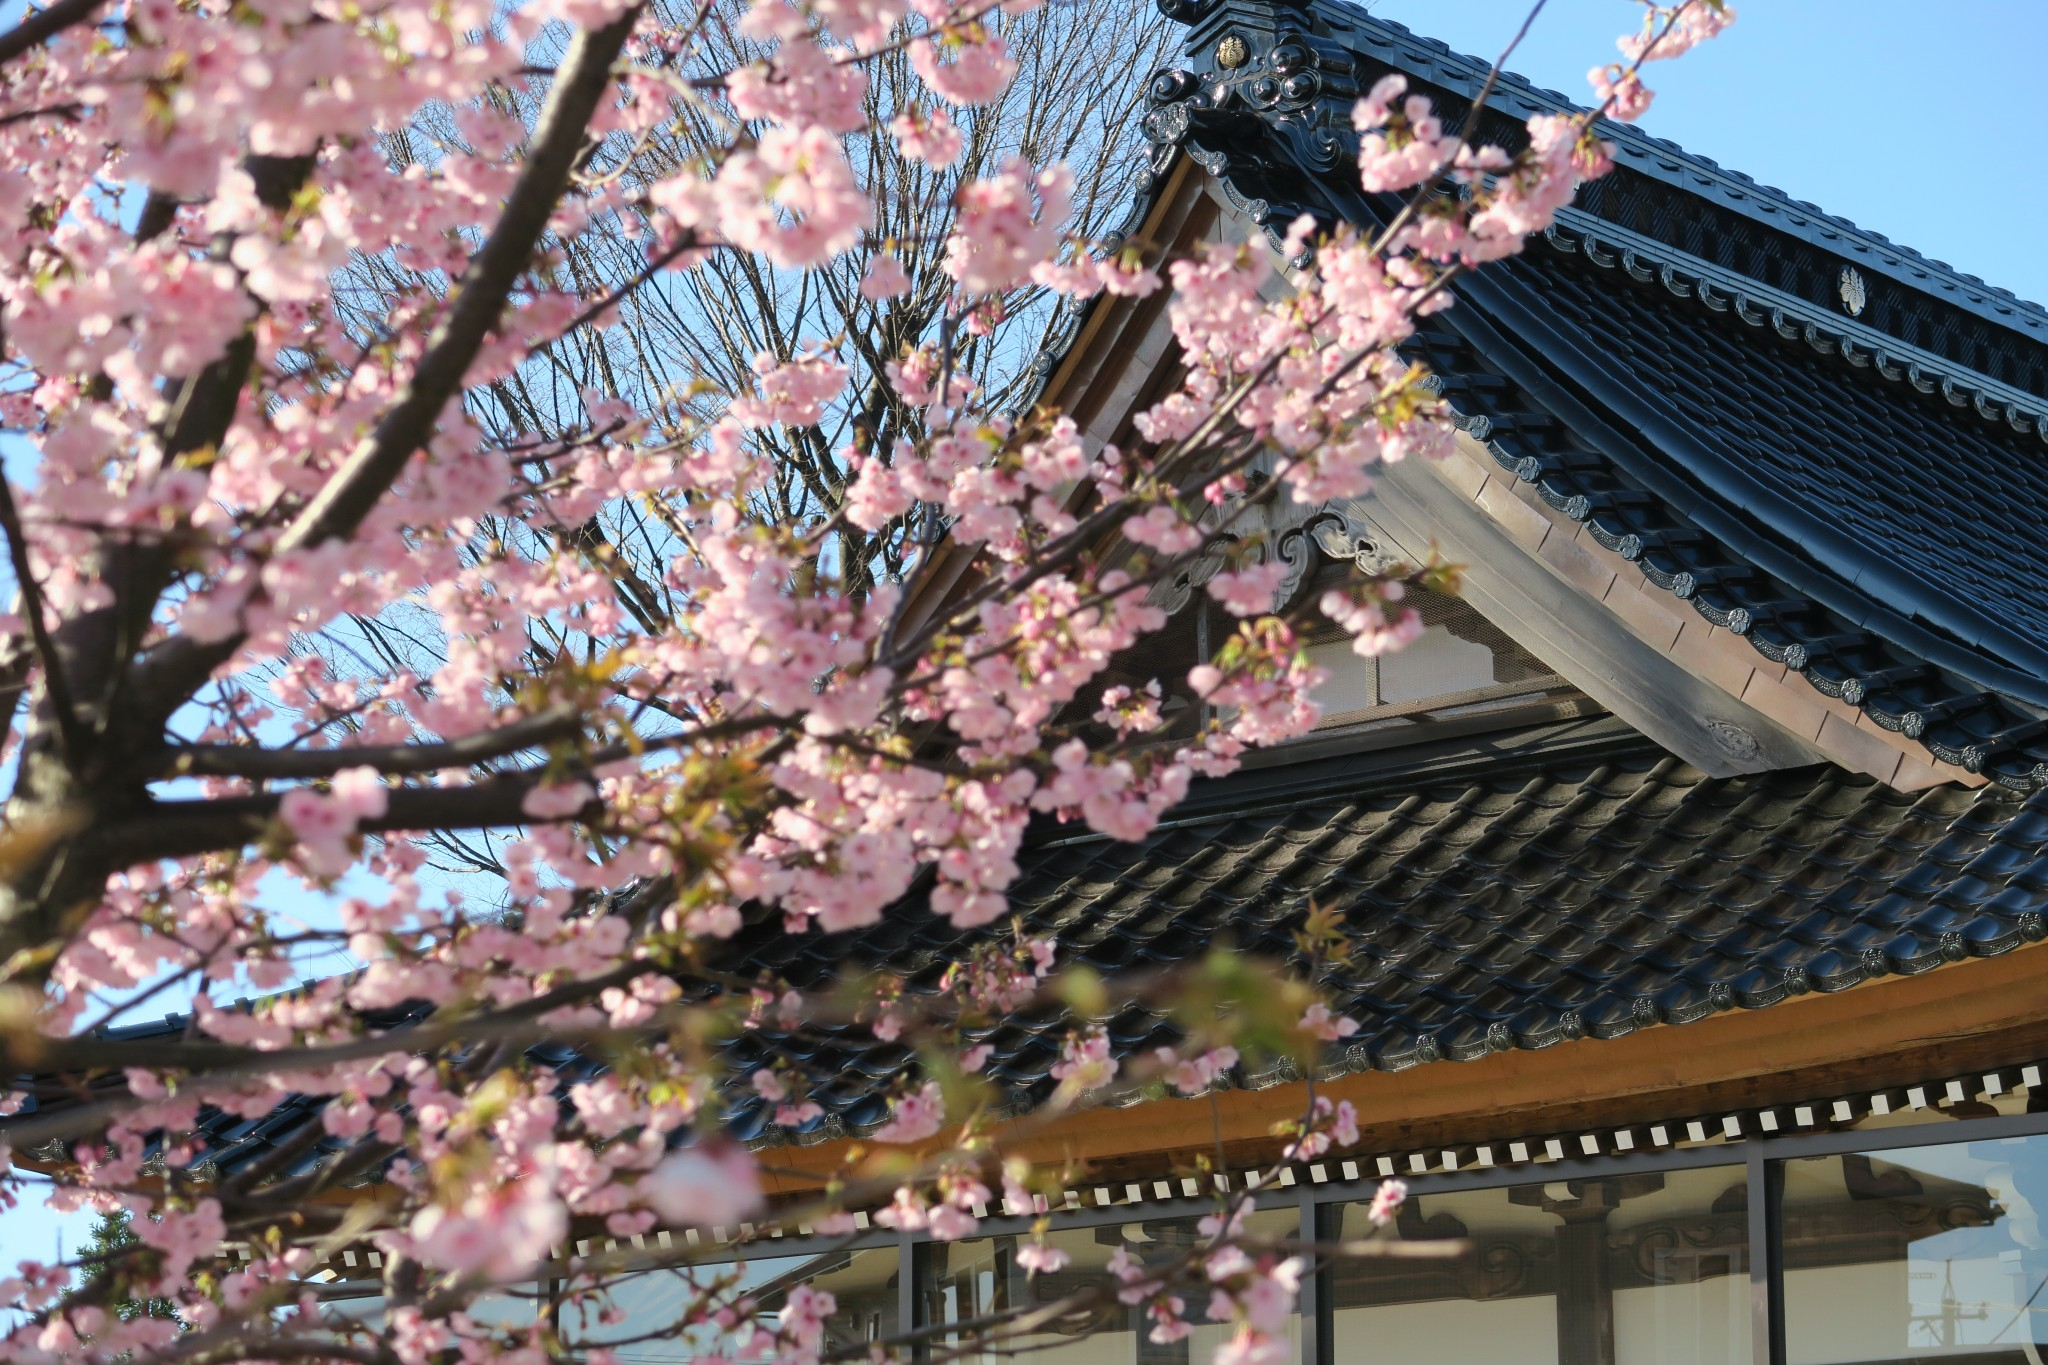 二日市荒川神社の新しくなった屋根瓦